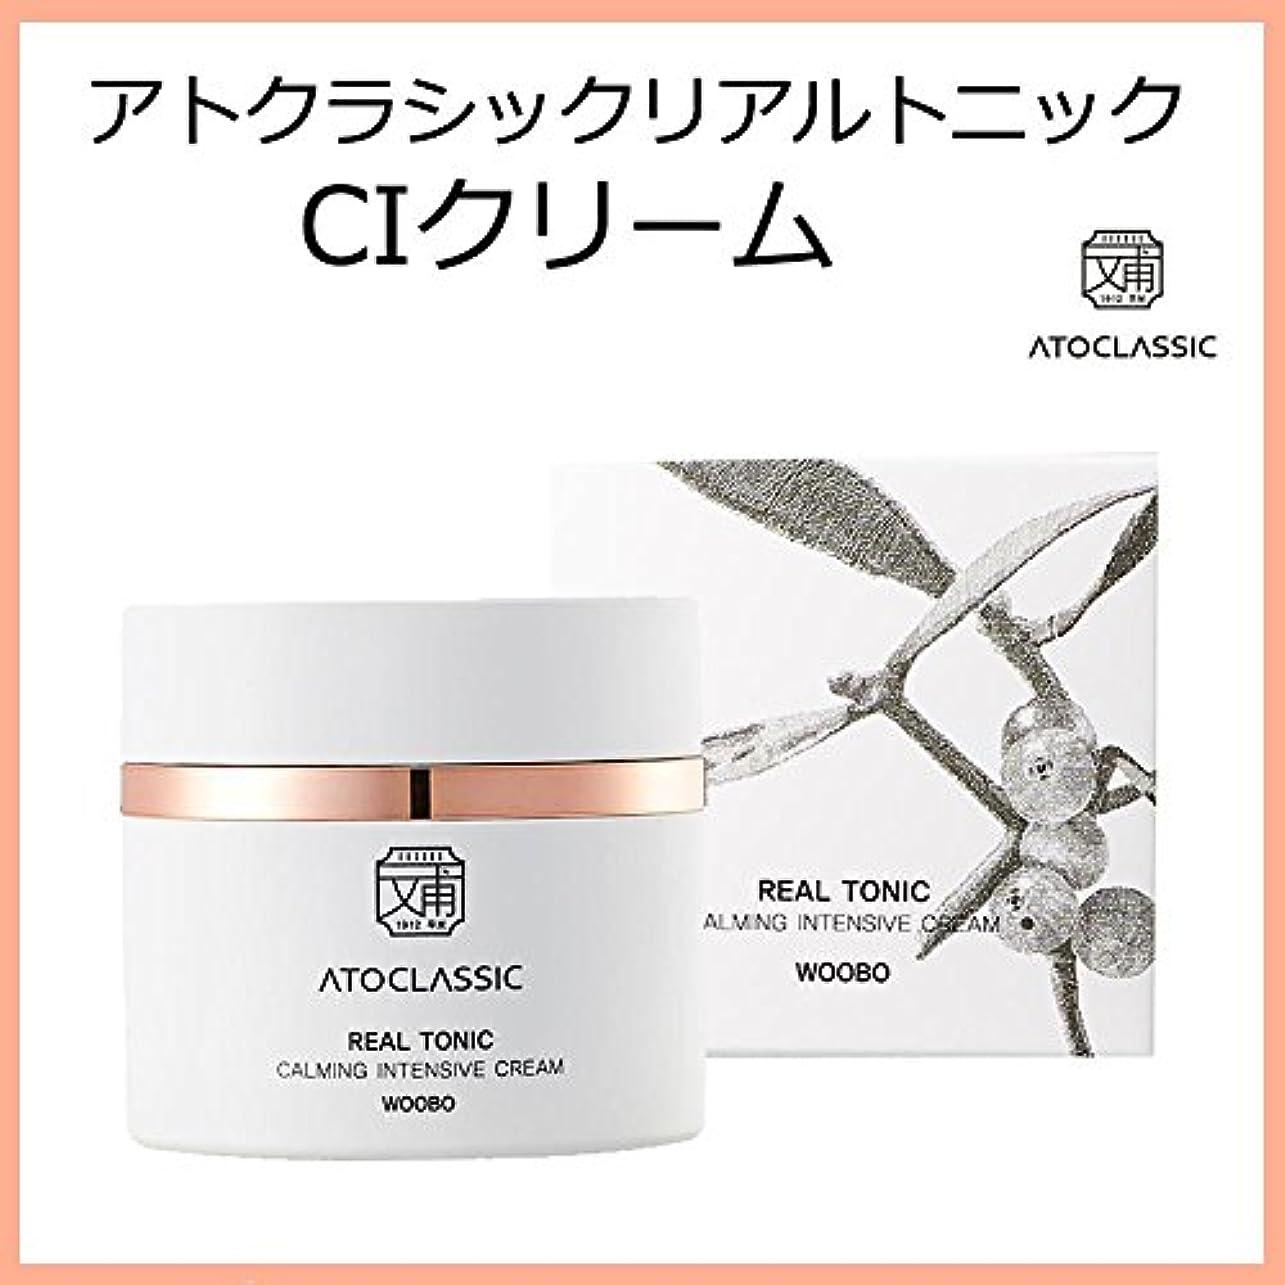 感謝祭ウールタイプライター韓国コスメ ATOCLASSIC アトクラシックリアルトニック CIクリーム(Calming Intensive Cream) 50ml